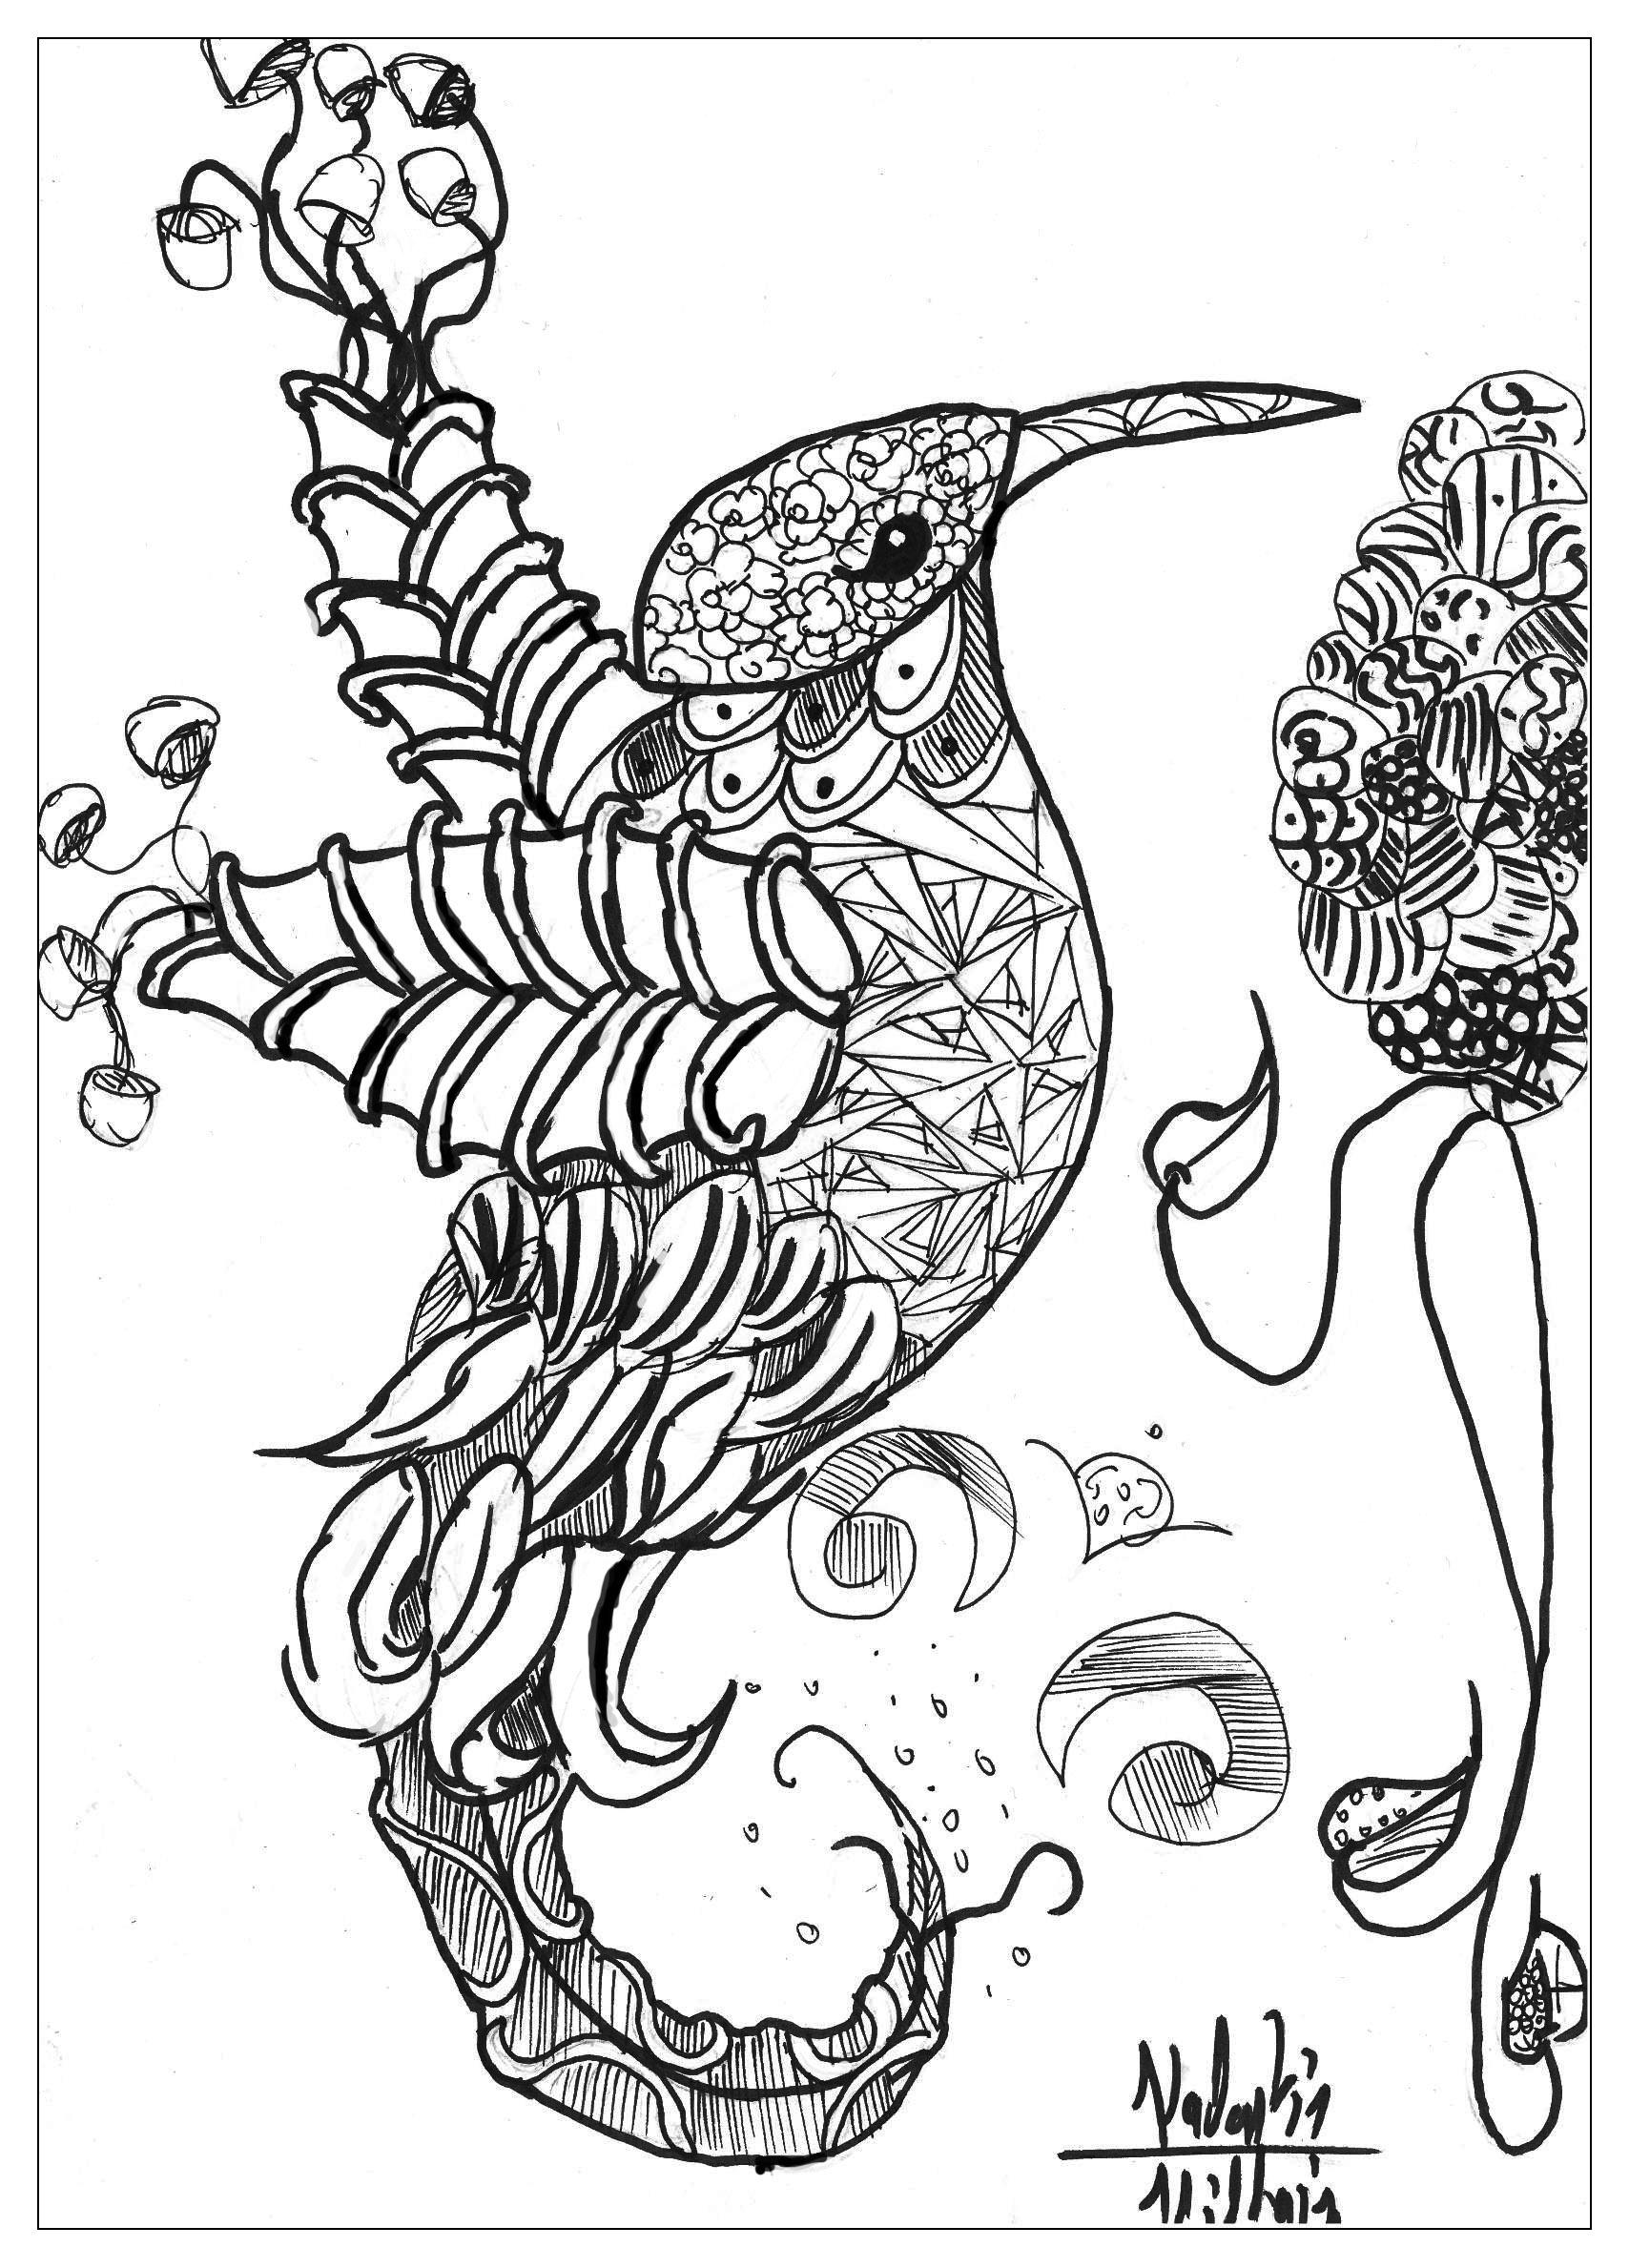 Coloriage Animaux Oiseaux.Dessin Animaux Oiseaux Coloriages Difficiles Pour Adultes